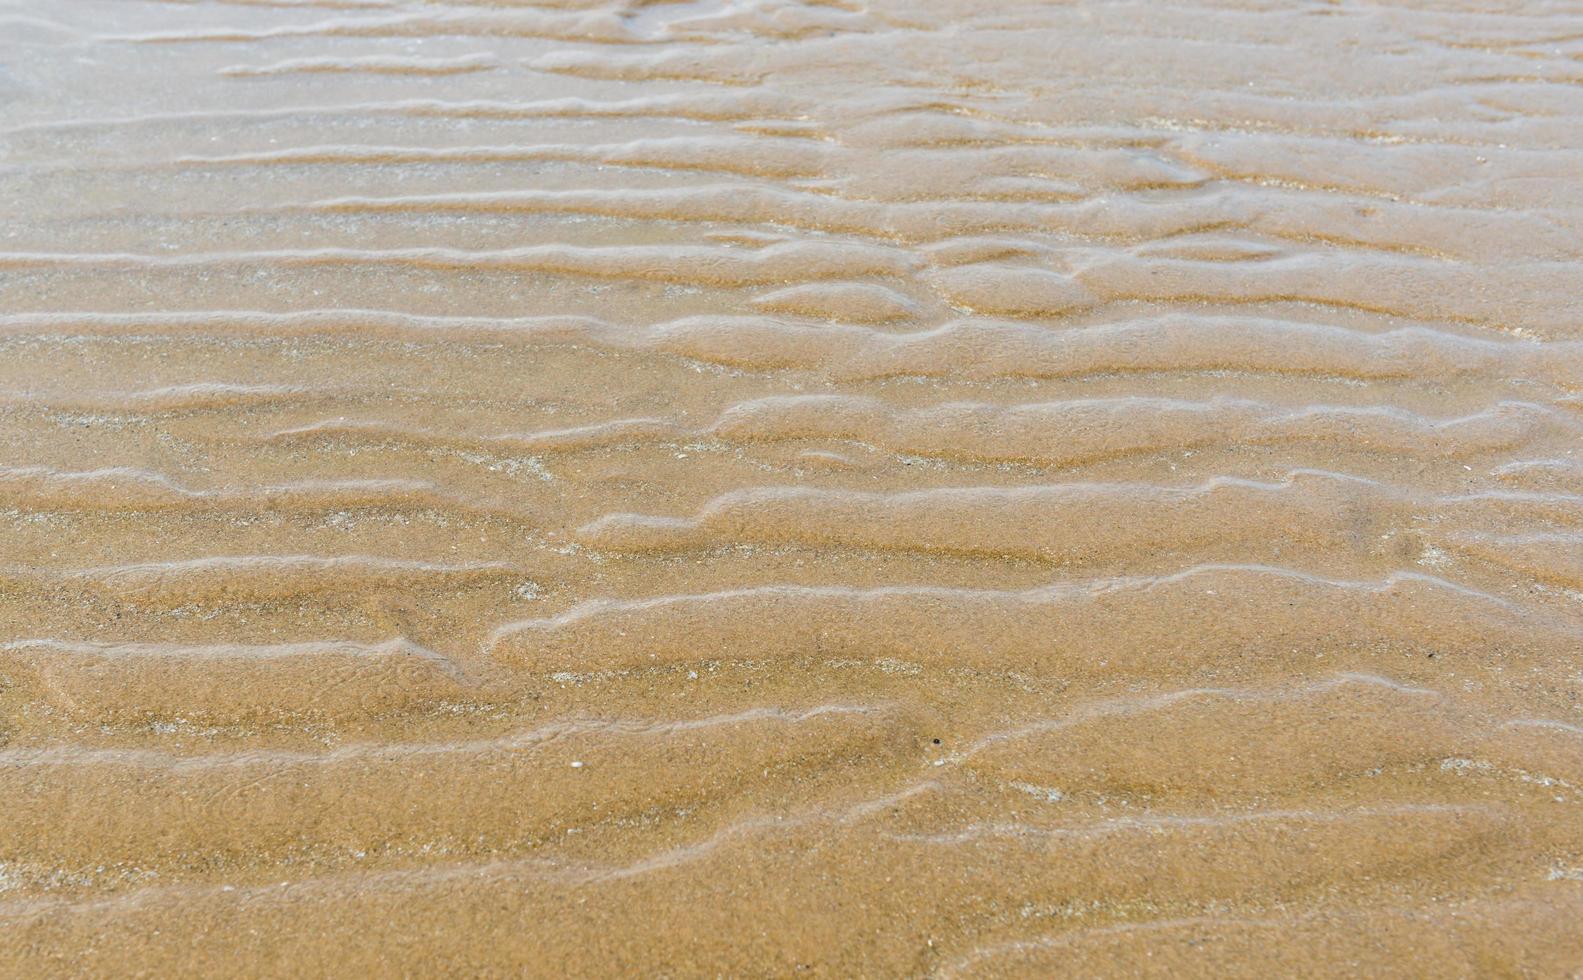 texture de la nature du sable.vague de texture de sable près de la plage photo